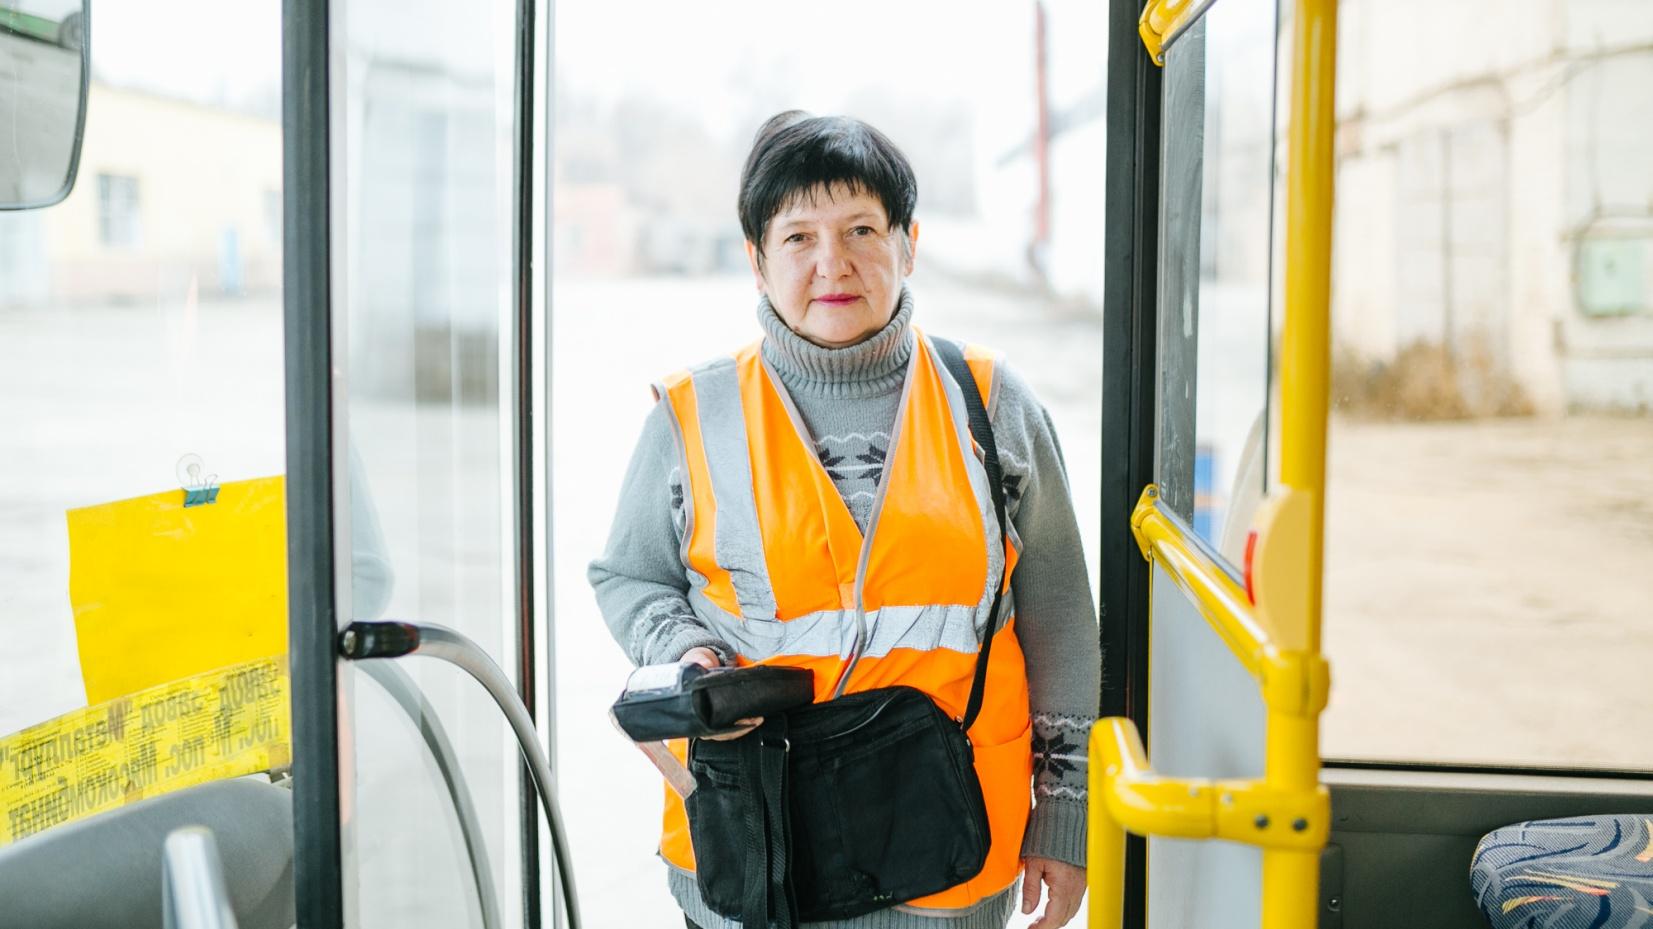 Вот так выглядит кондуктор автобусных маршрутов на рабочем месте